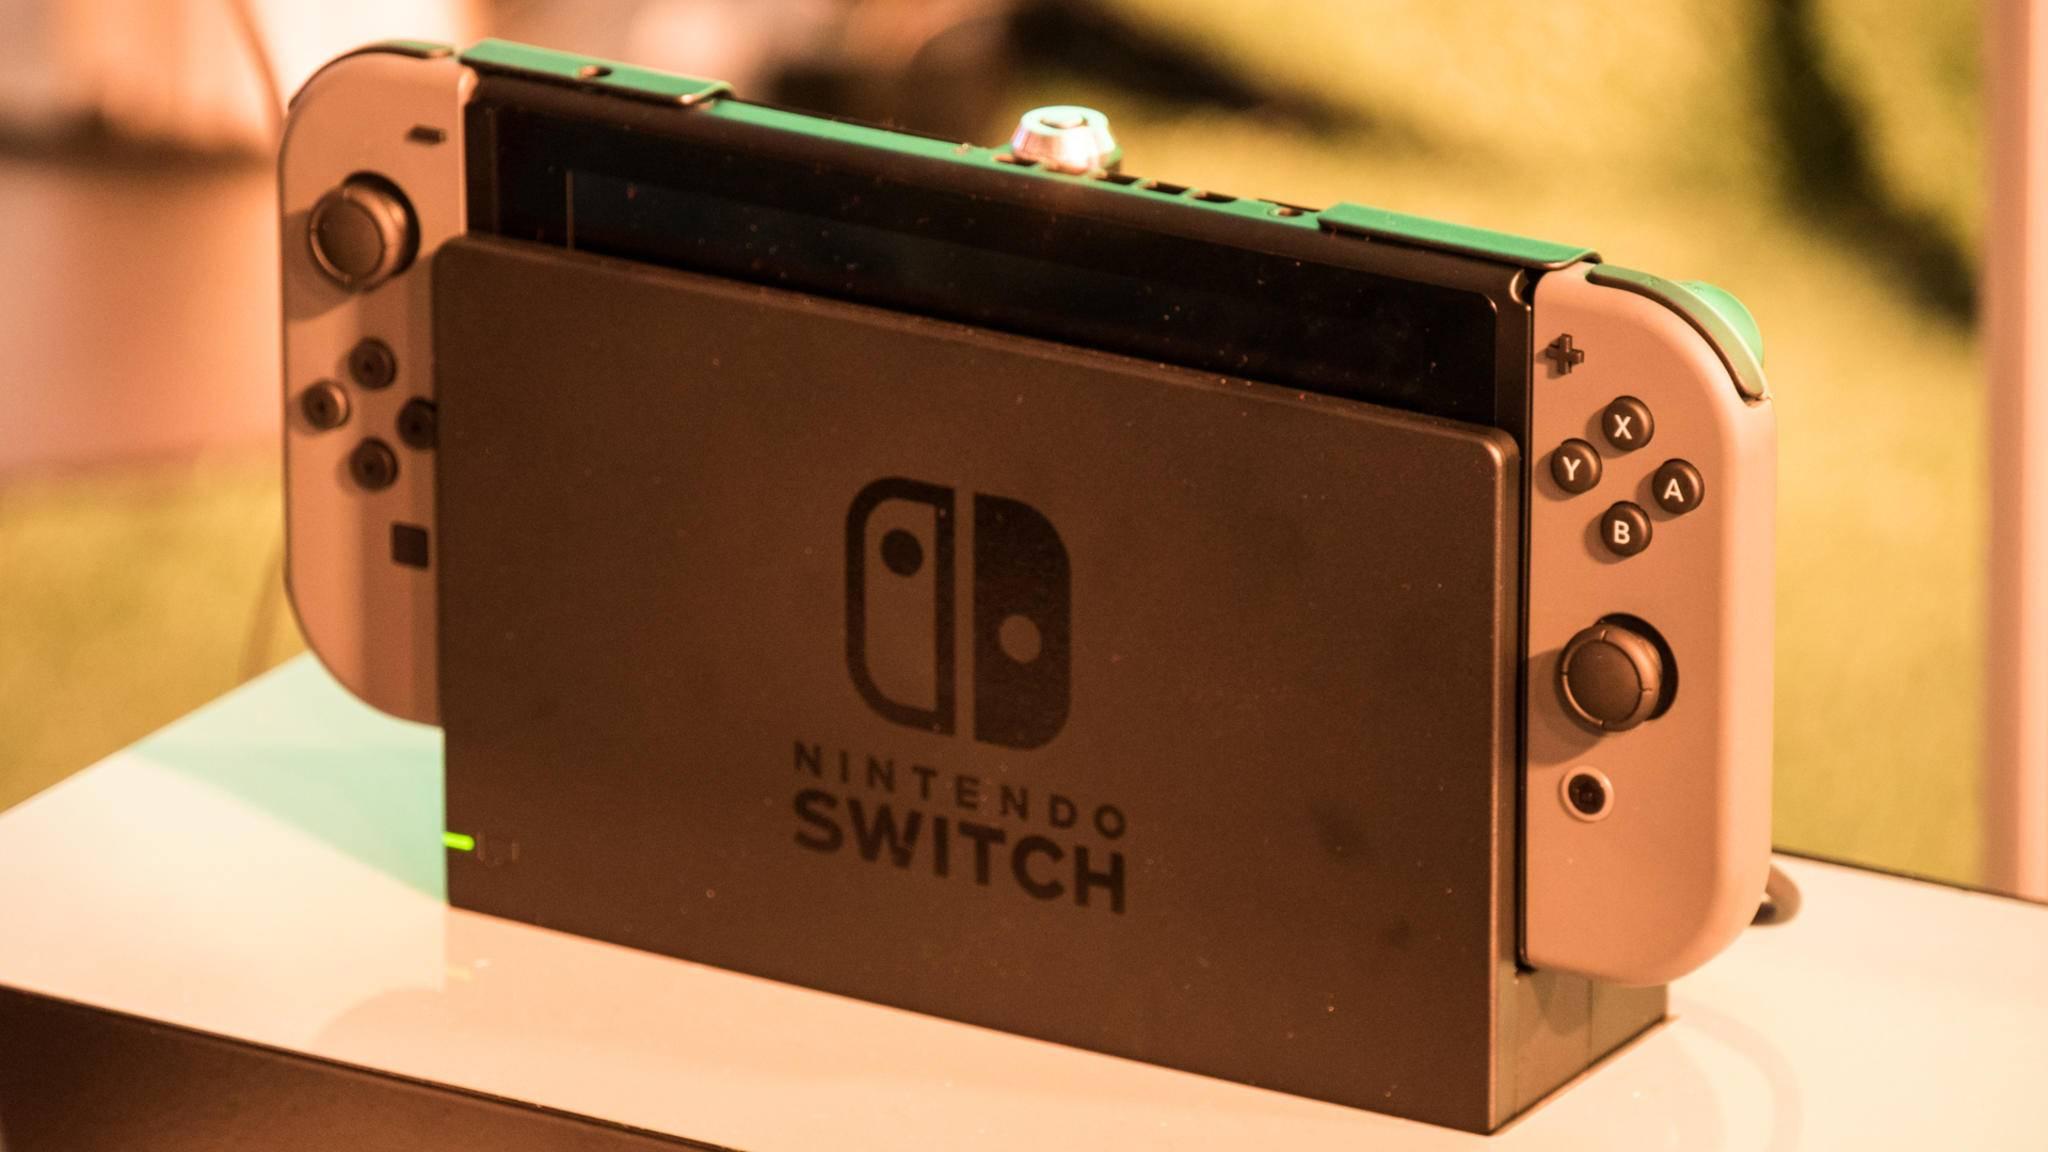 Der interne Speicher der Switch beträgt gerade einmal 32 GB.